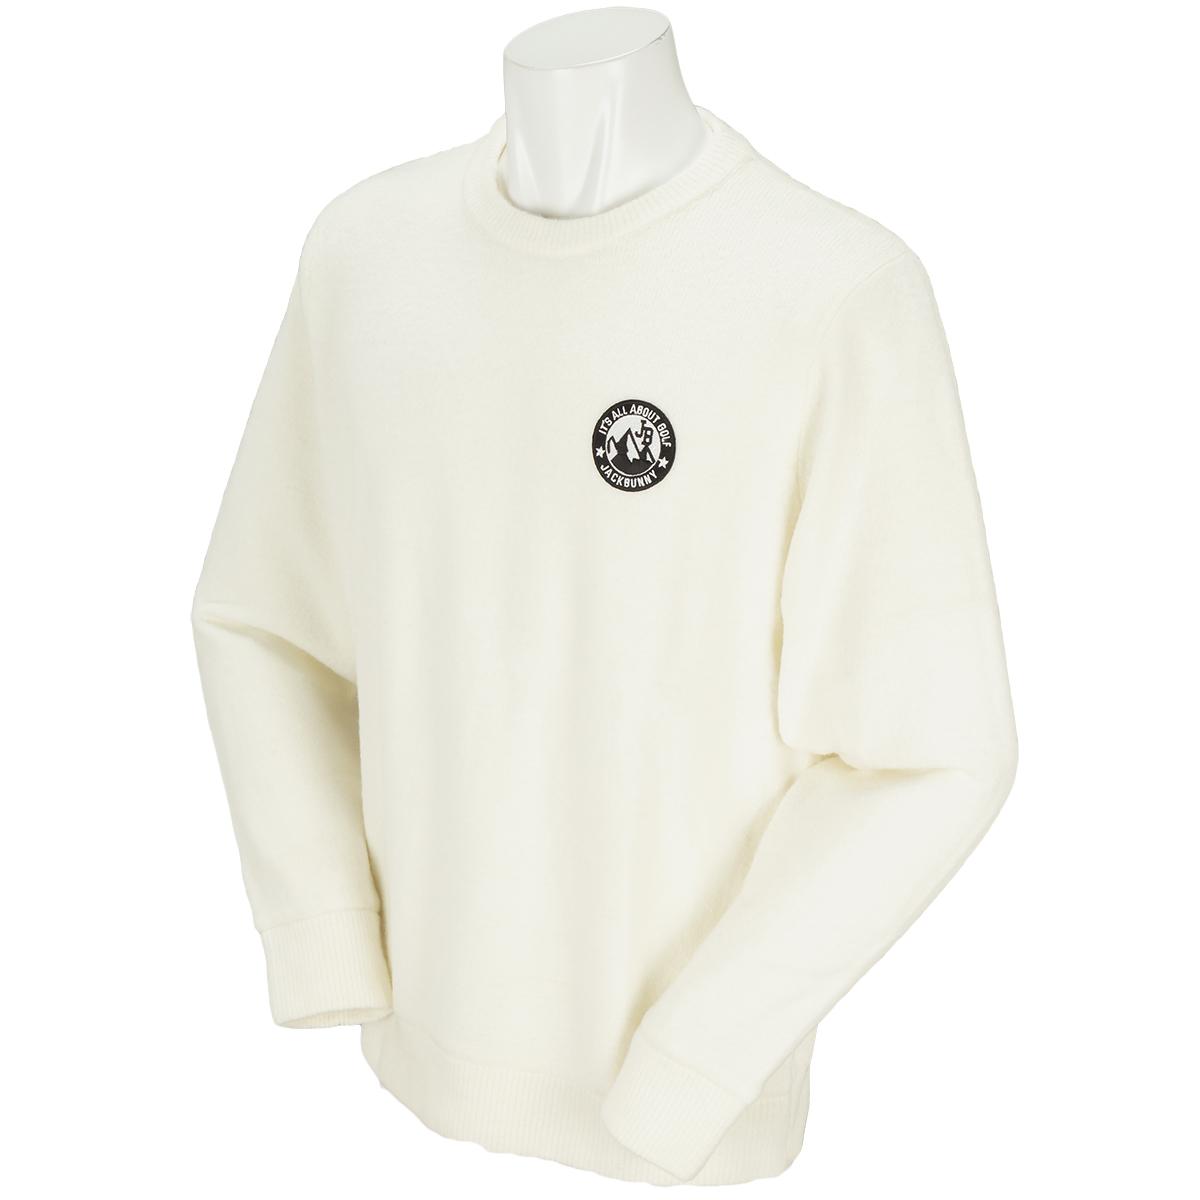 ストレッチ毛混 セーター